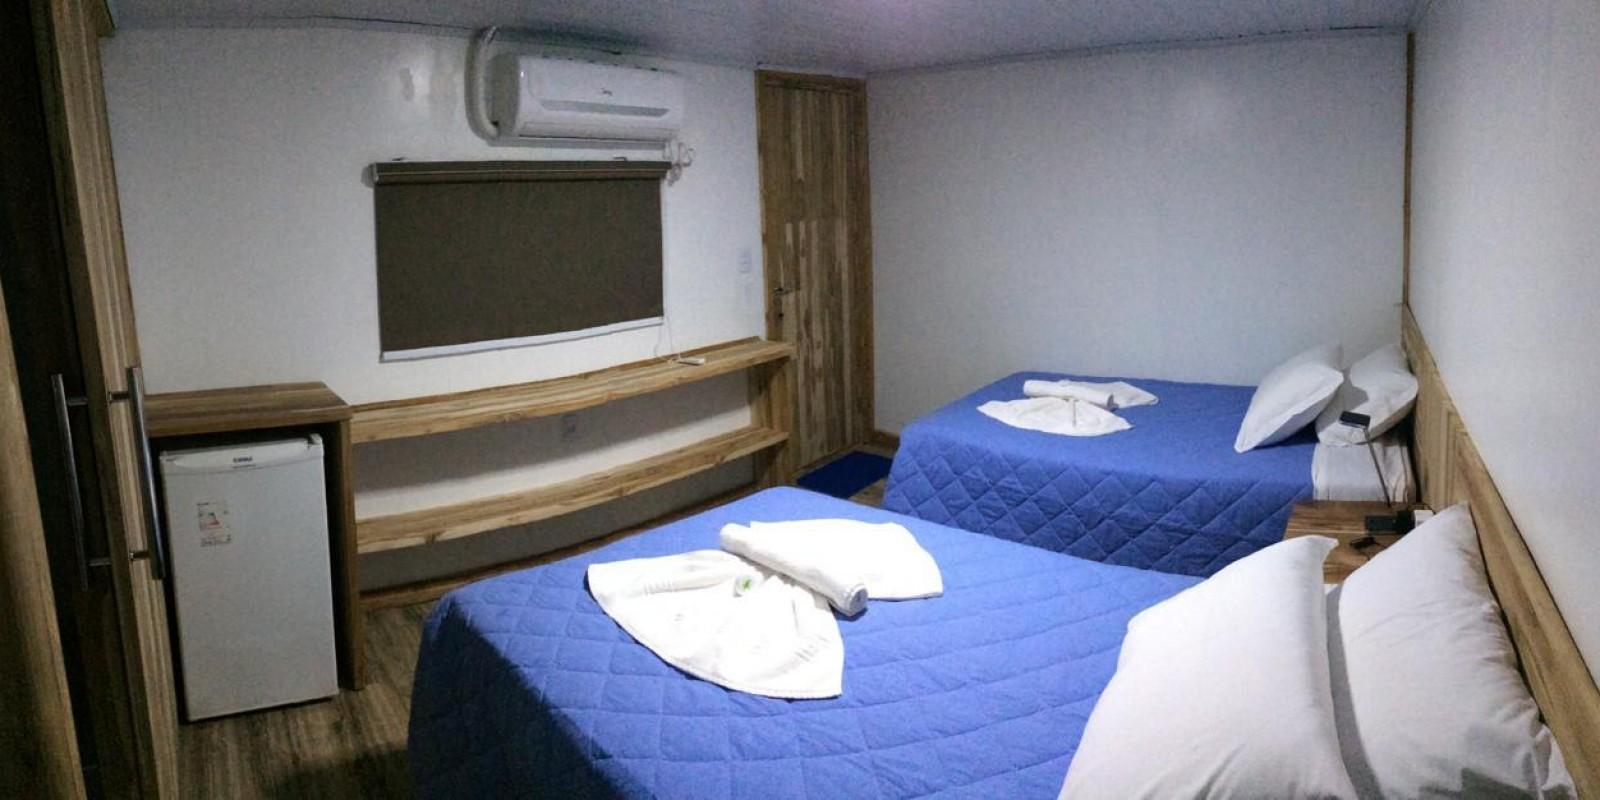 Barco Hotel Panorâmico - P. Cercado 36 pessoas - Foto 13 de 13